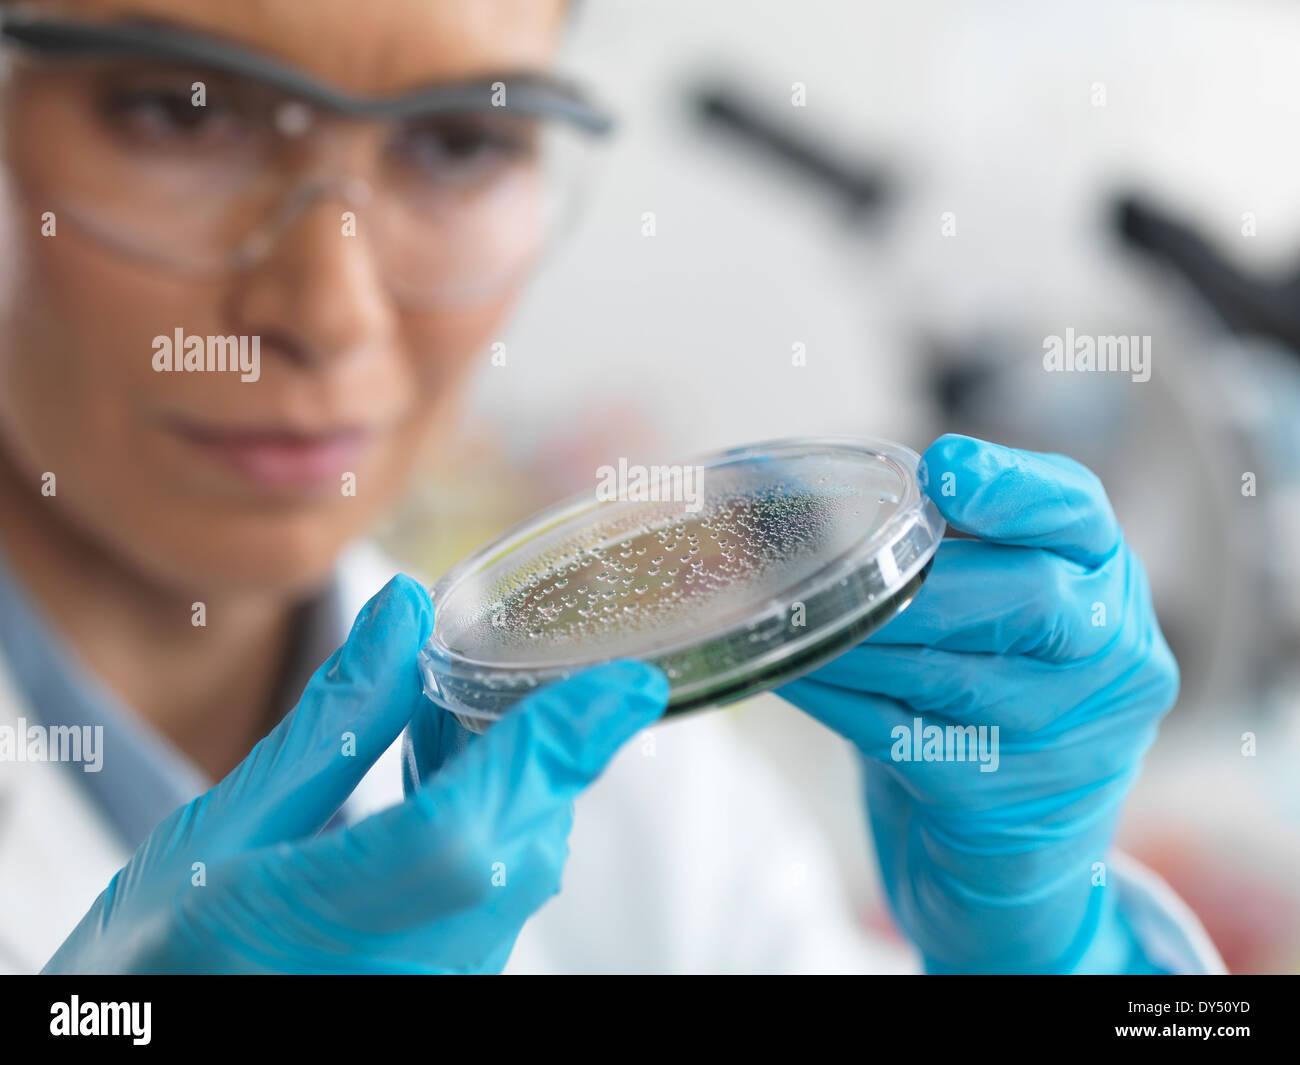 Weiblicher Wissenschaftler untersuchen Mikroorganismen in Petrischale Stockfoto